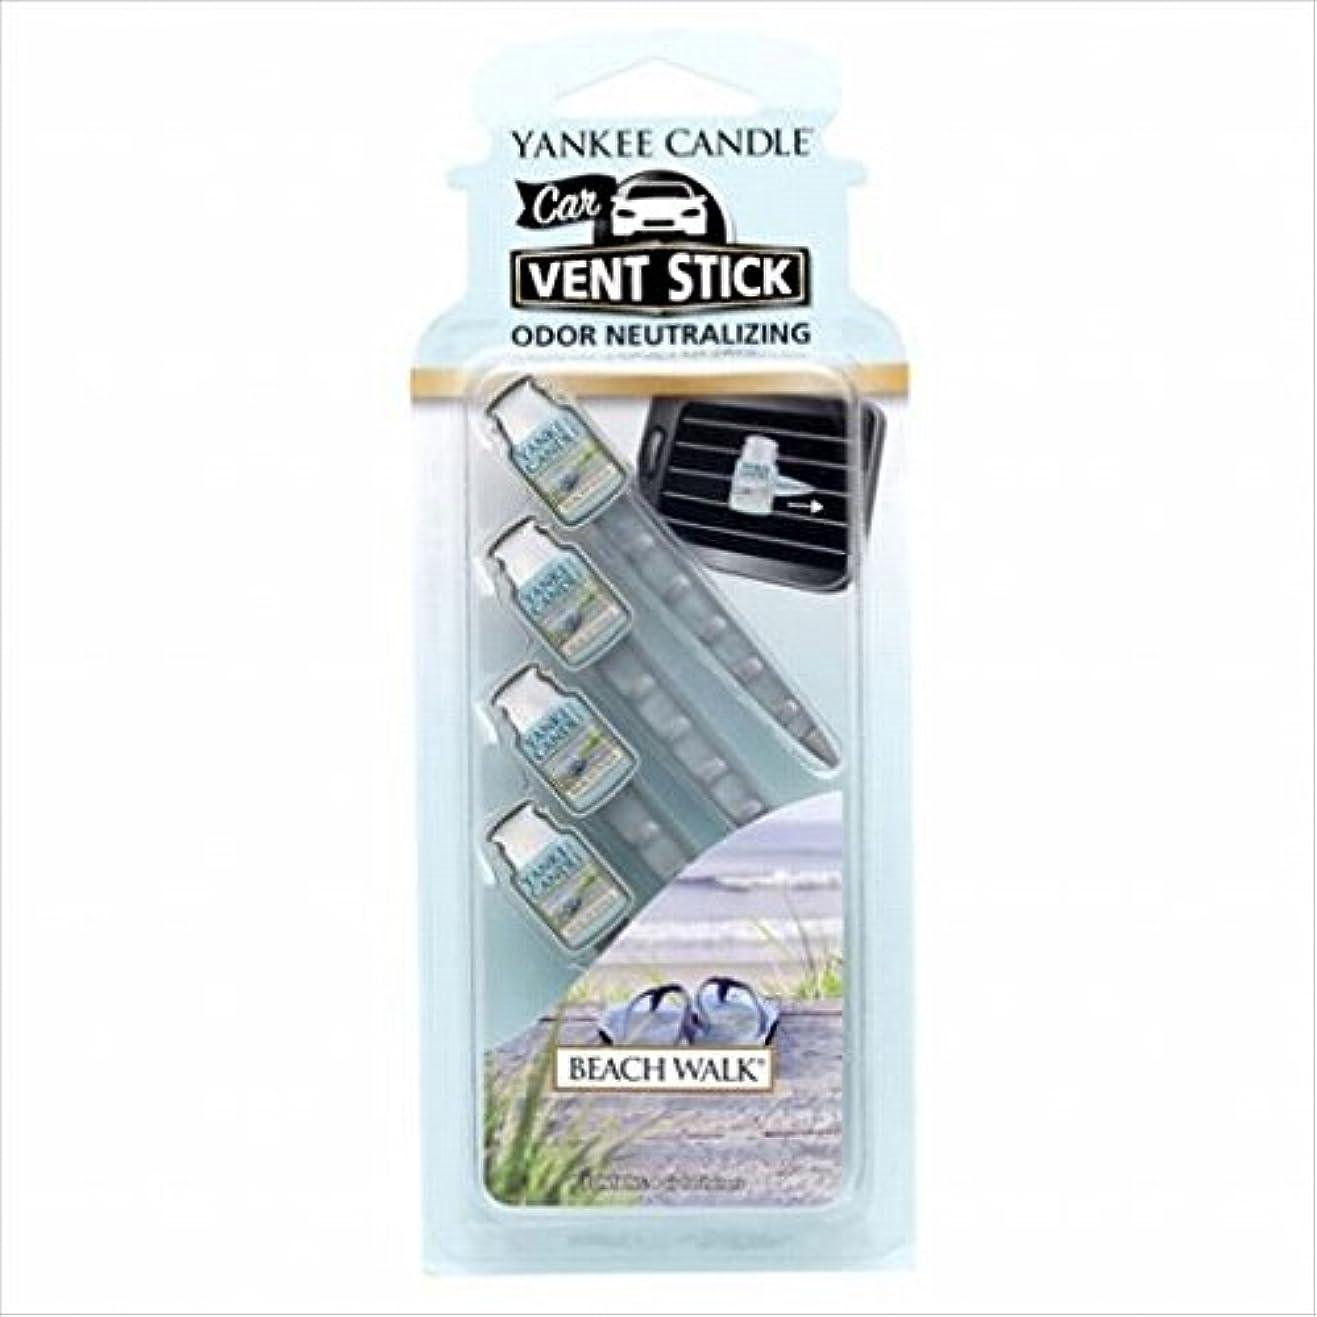 住む高潔な抑制ヤンキーキャンドル(YANKEE CANDLE) YANKEE CANDLE カーフレグランススティック 「 ビーチウォーク 」